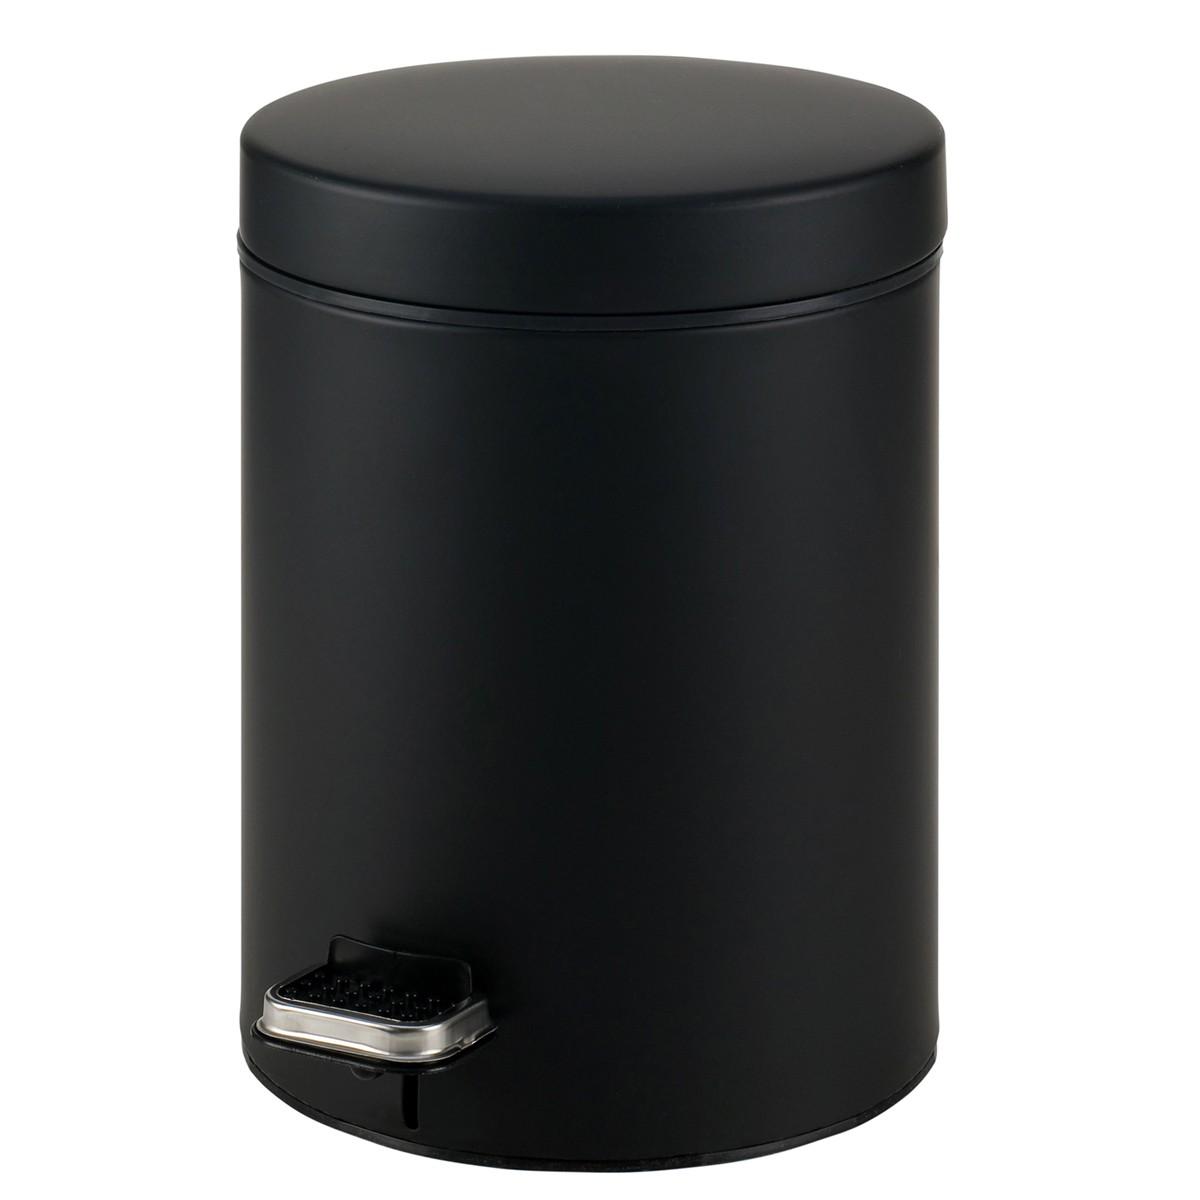 Κάδος Απορριμάτων (23x32) PamCo 8Lit 500 Black